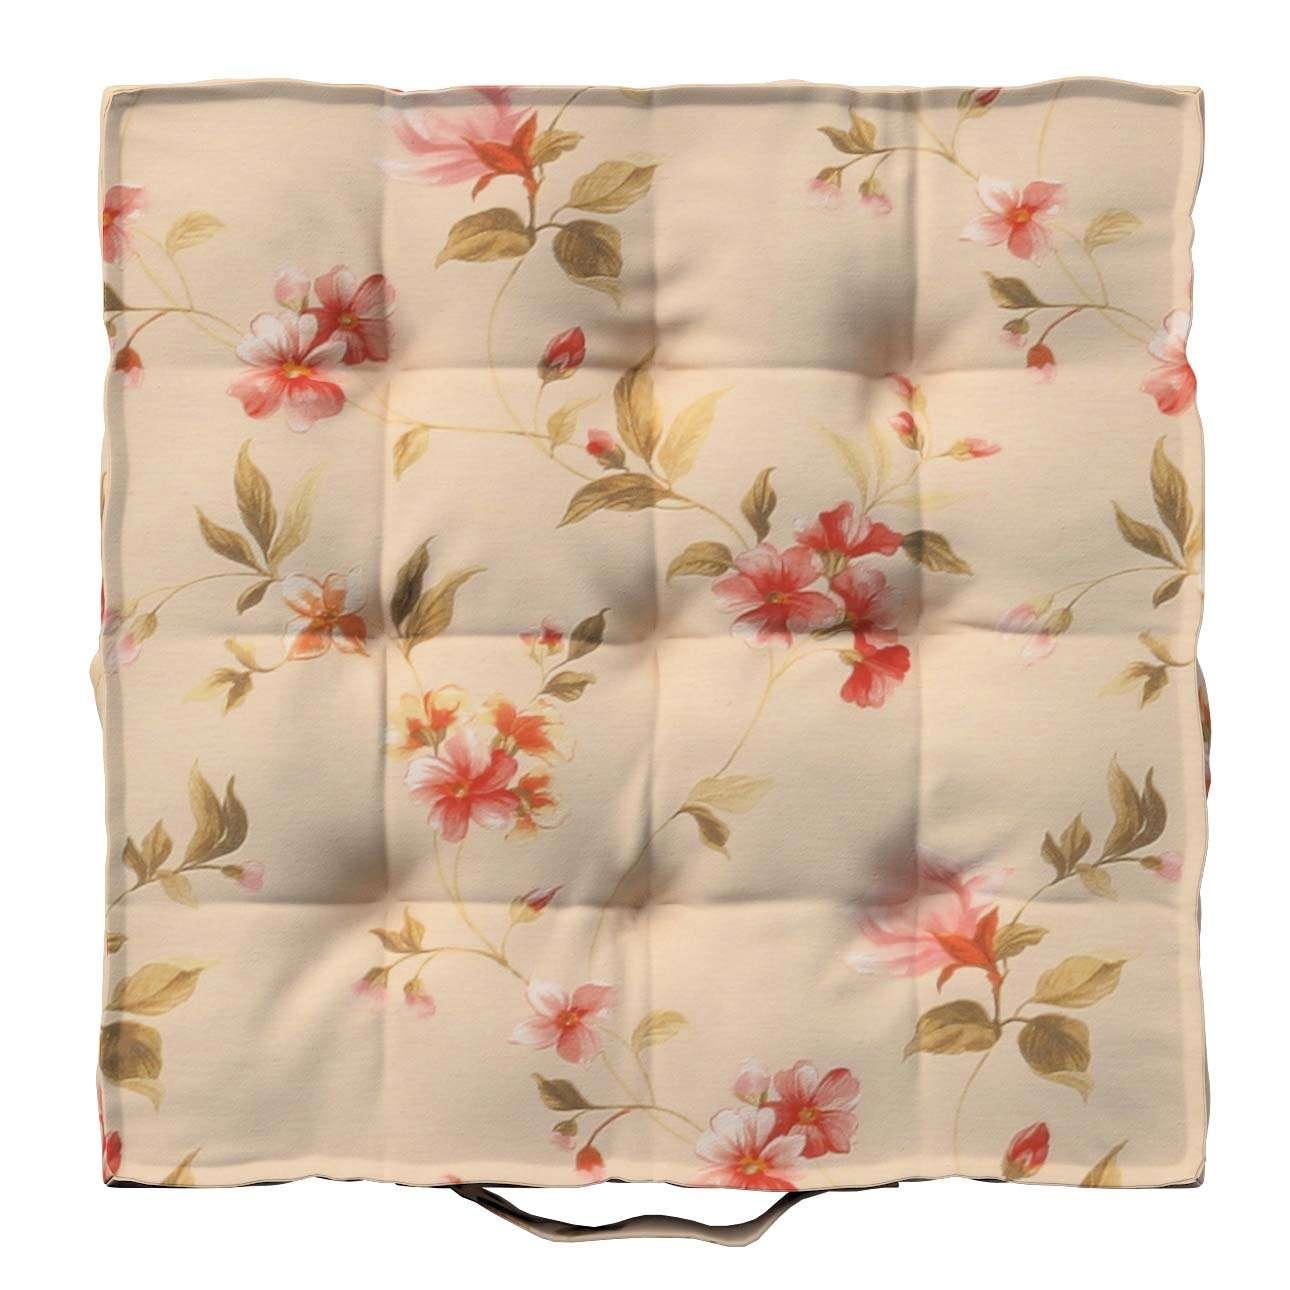 Pagalvėlė Kuba kėdei/ant grindų 40 x 40 x 6 cm kolekcijoje Londres, audinys: 124-05